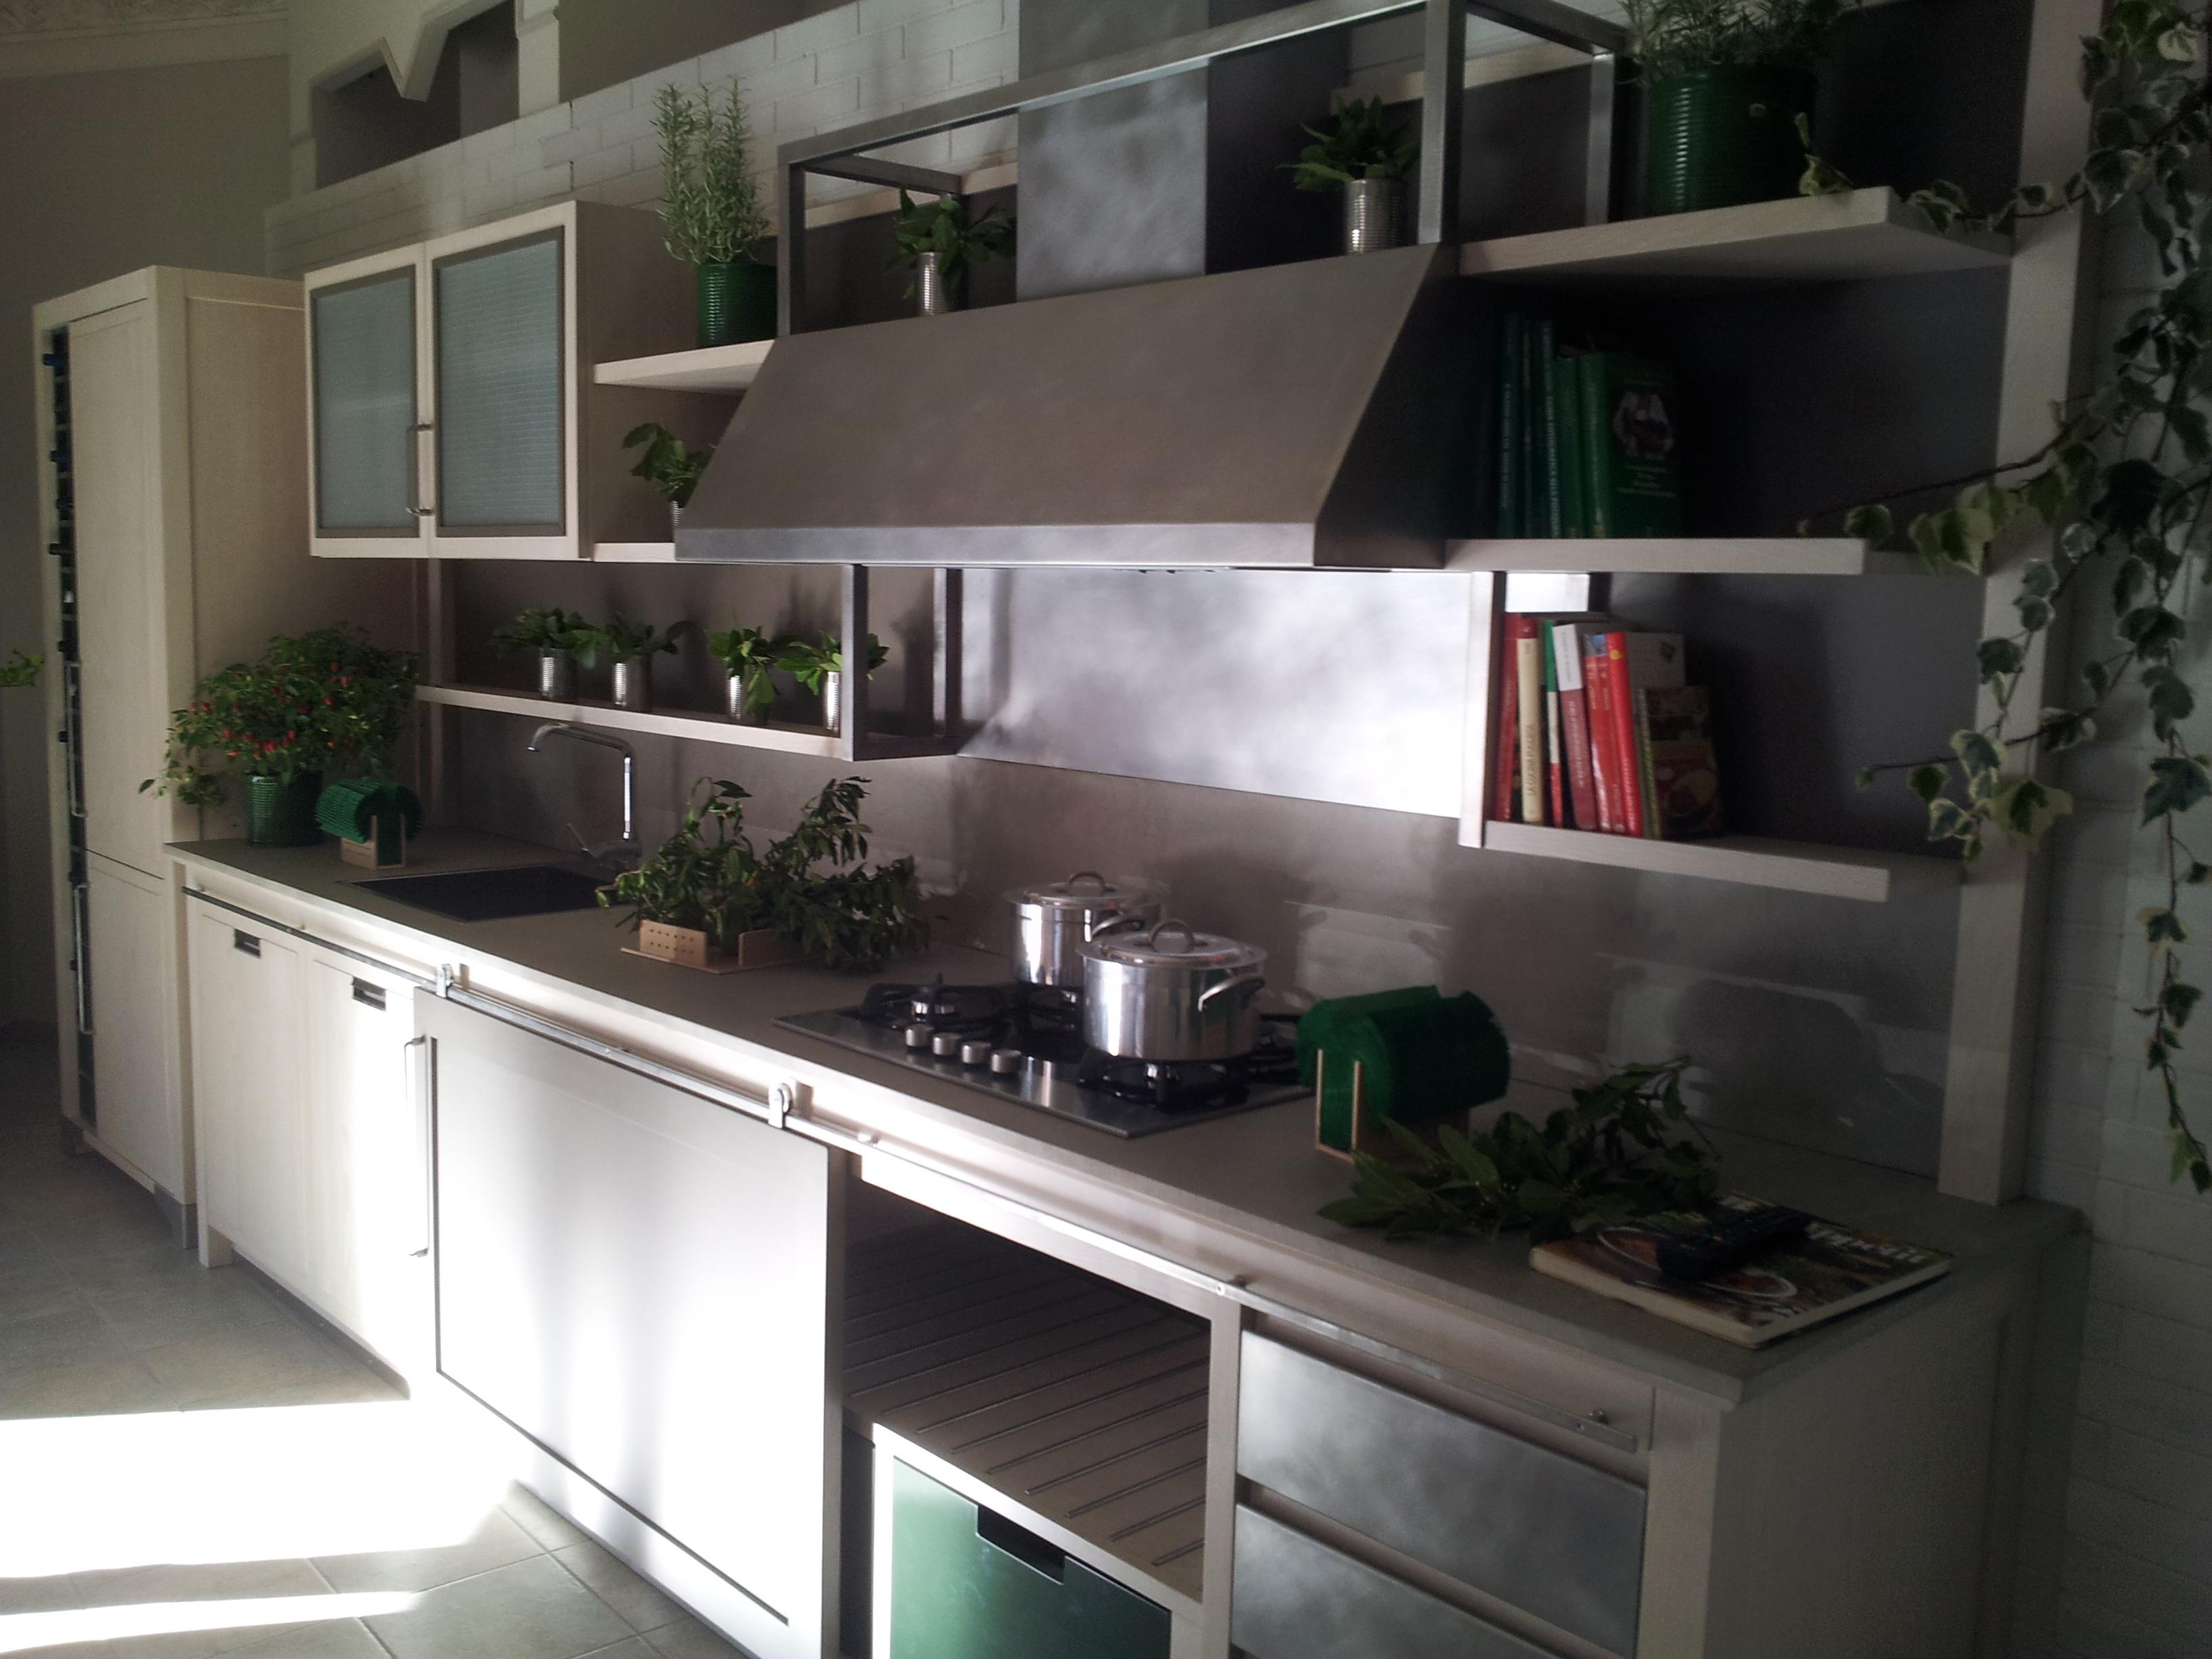 Centro Cucine Moderne ARREX Miton Cucine Moderne Stosa Cucine  #5C4E48 3264 2448 Cucine Stile Industrial Chic